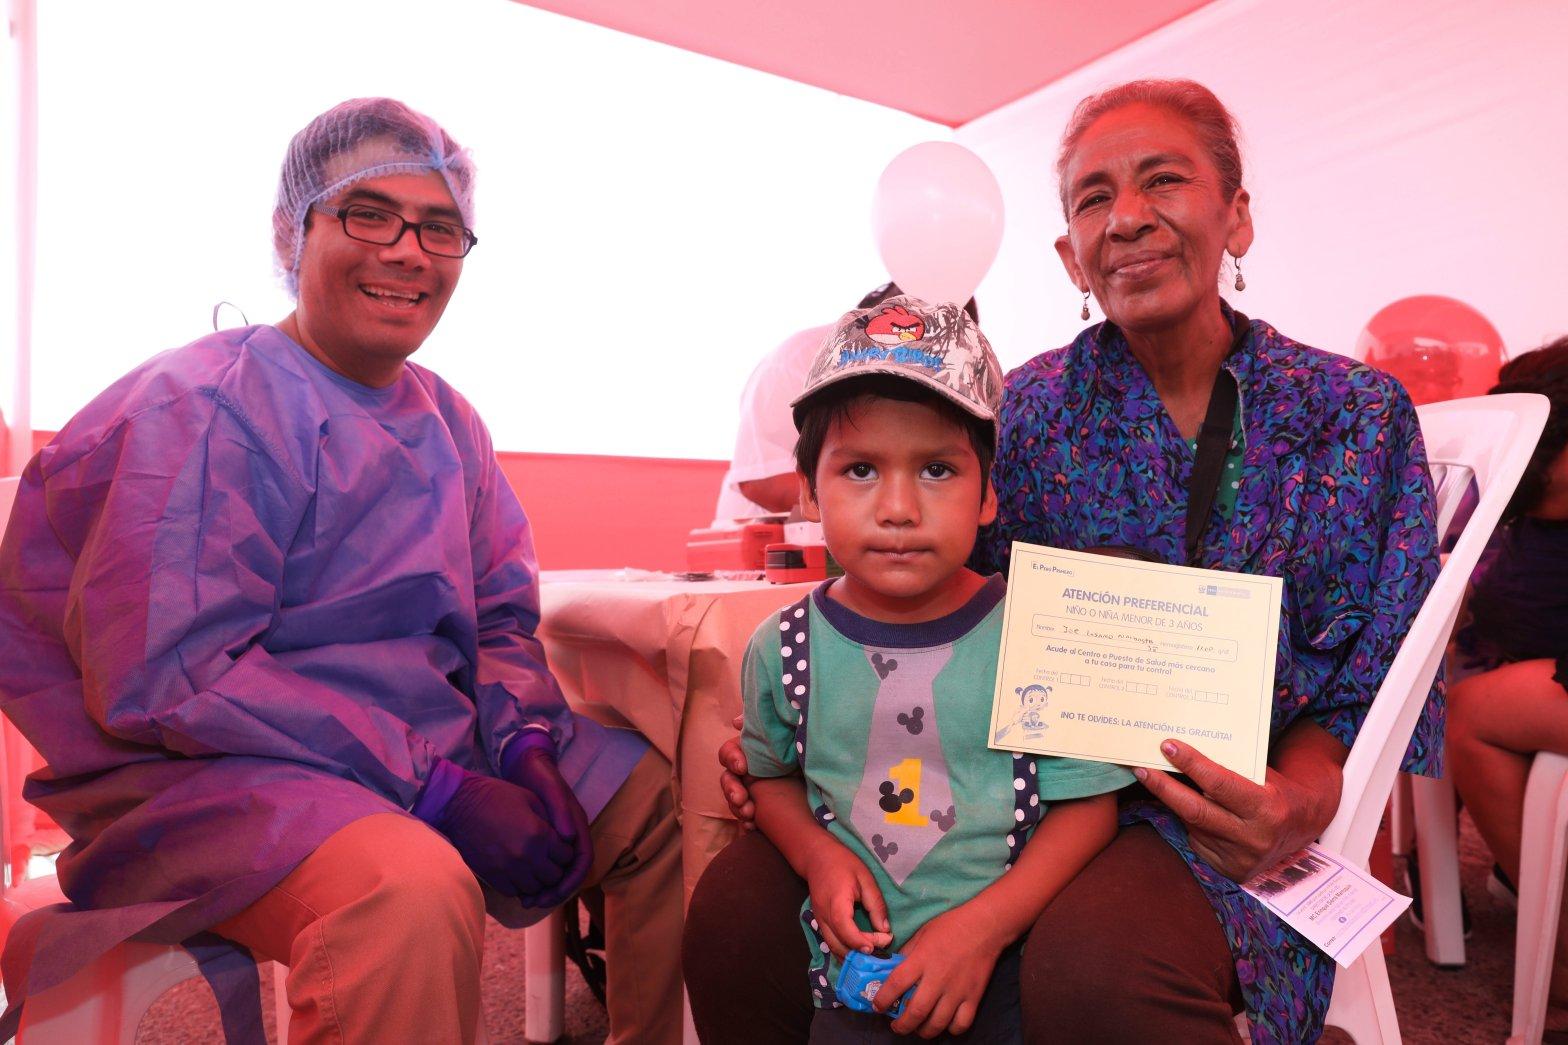 Más de 4.5 millones de peruanos no tienen seguro y Minsa espera darles SIS